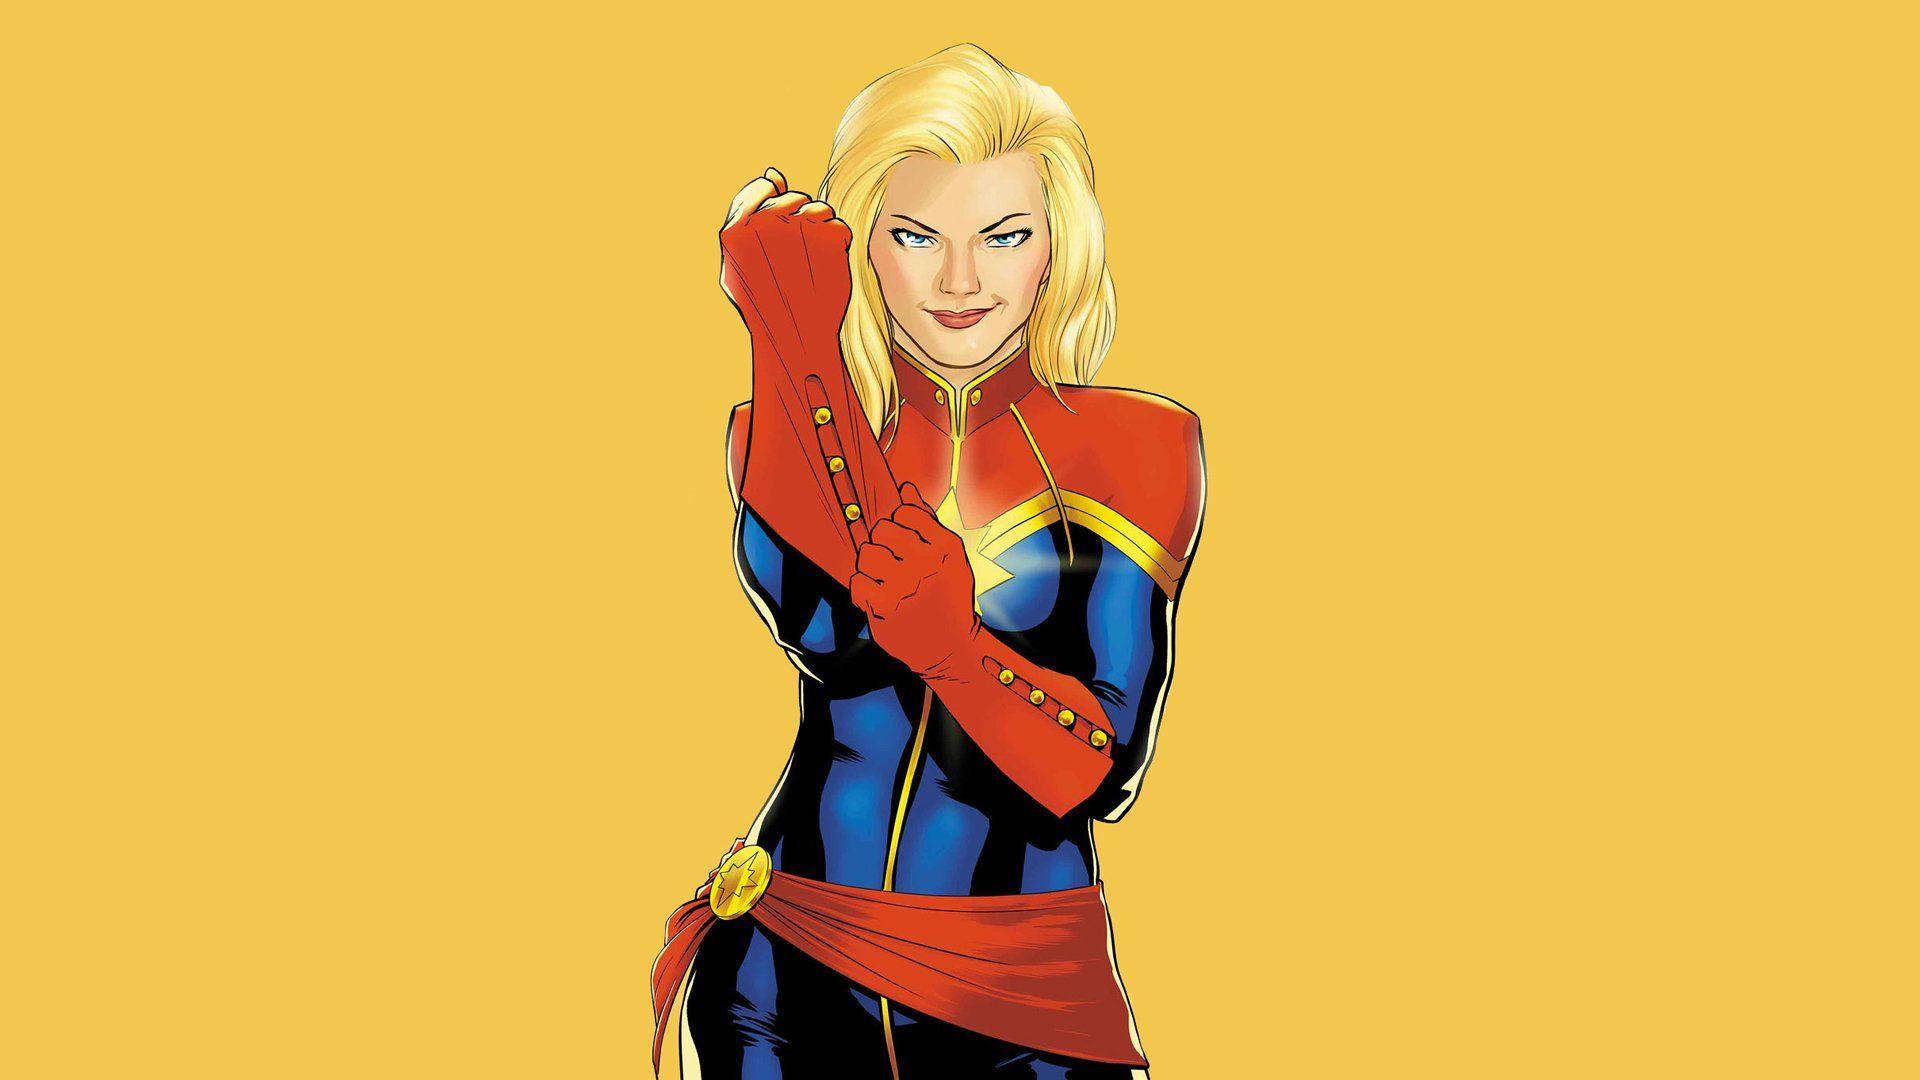 Hình ảnh nữ siêu anh hùng Captain Marvel